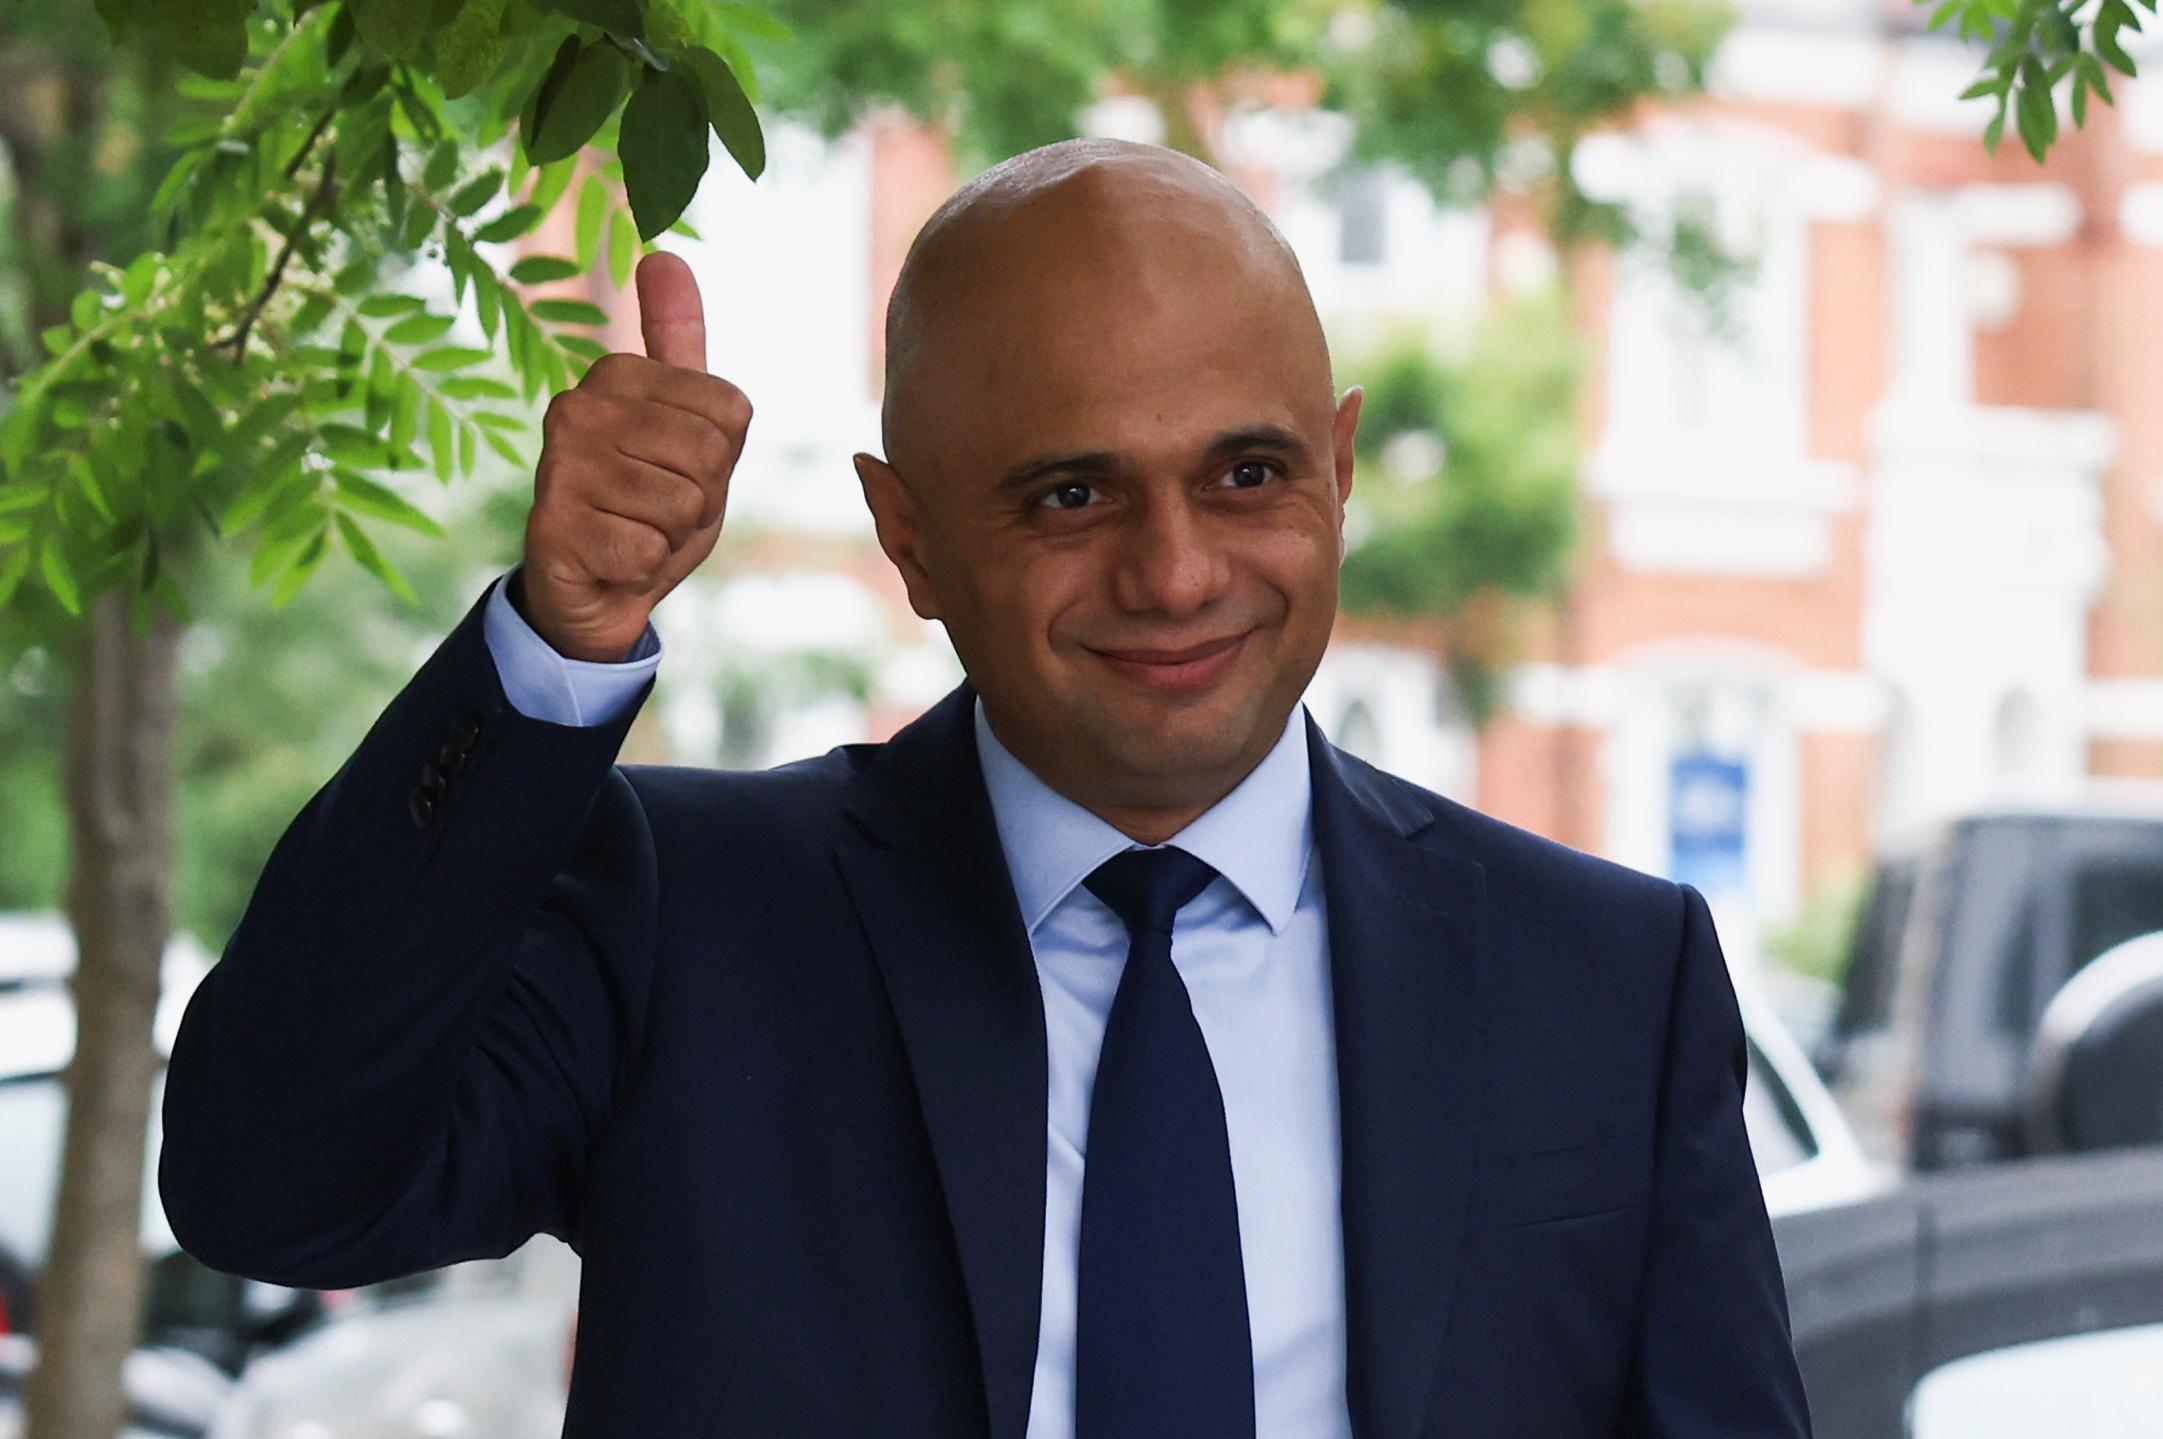 Ο νέος υπουργός Υγείας της Βρετανίας θέλει την άρση των περιορισμών για τον κορονοϊό το συντομότερο